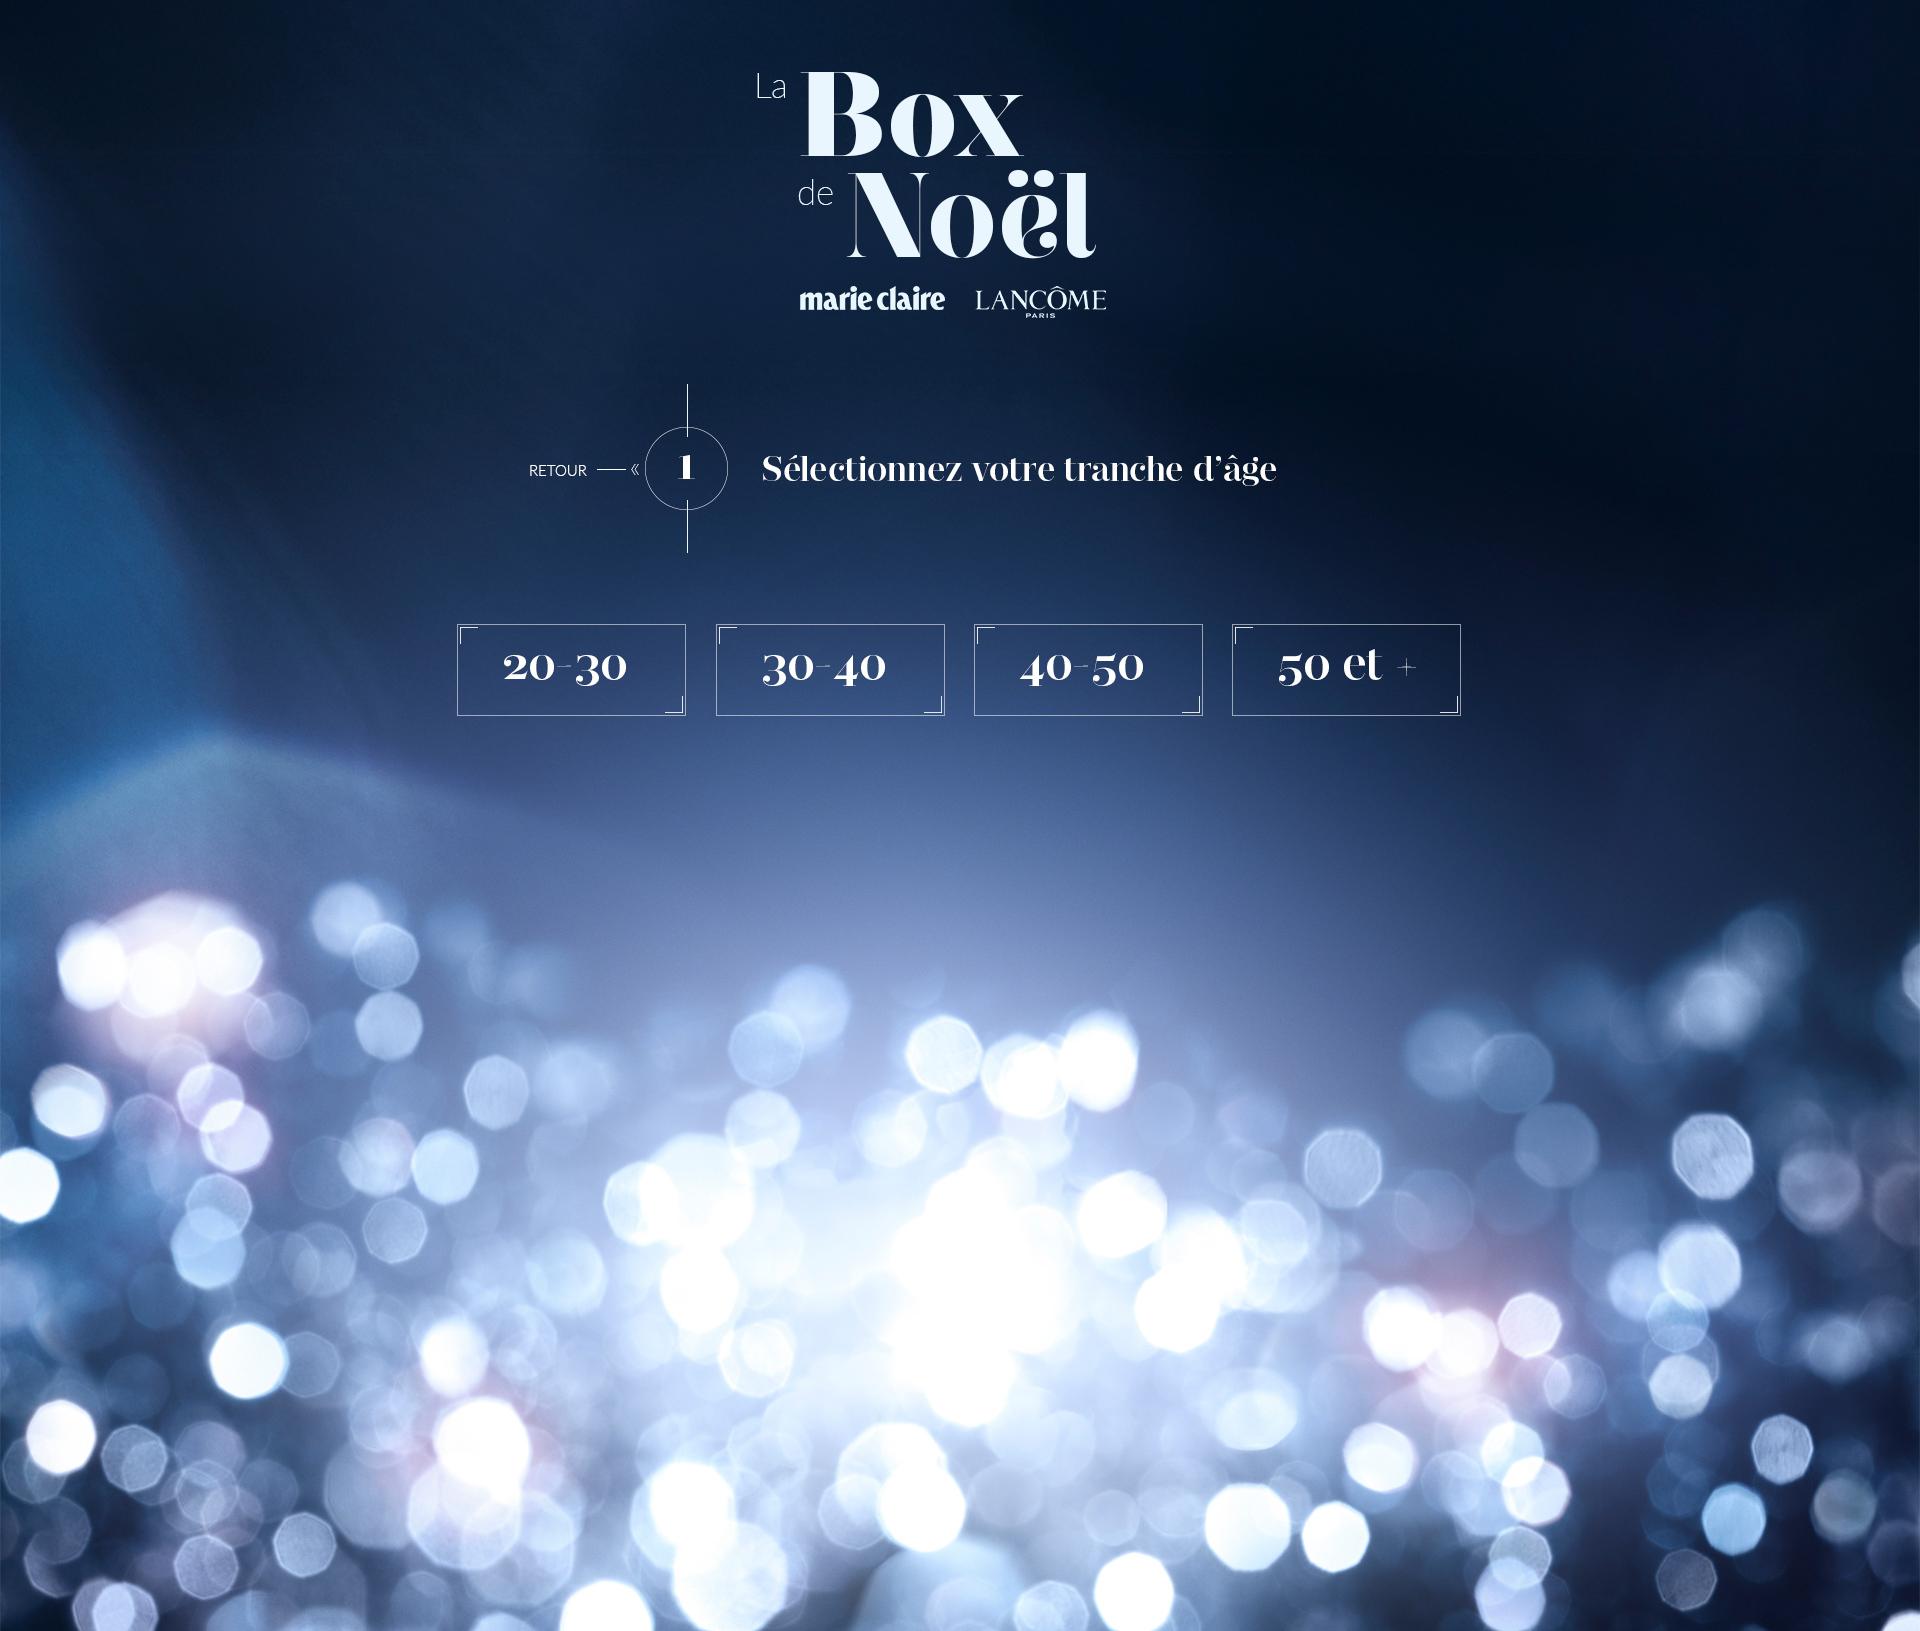 Boxe-noel-lancome_choix-age